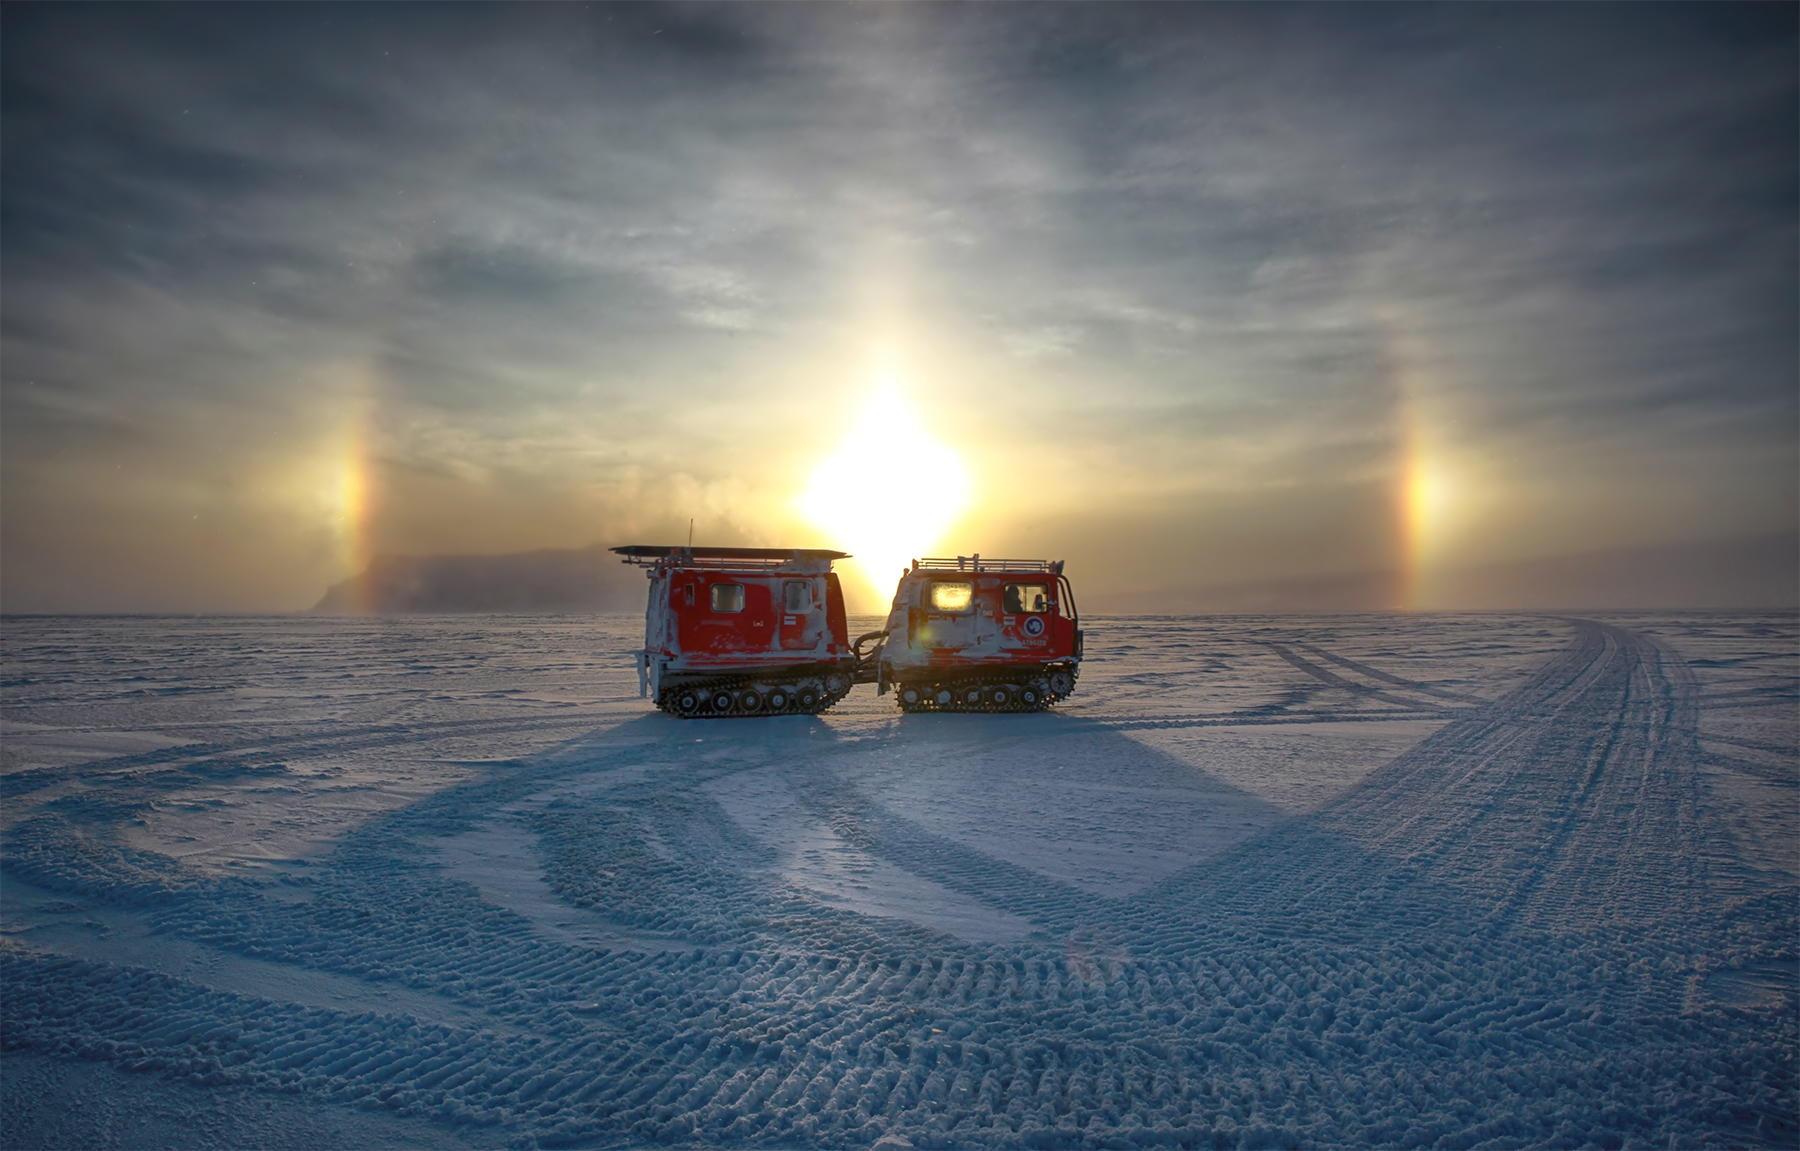 Антарктида в фотографиях Девена Стросса (Deven Stross).